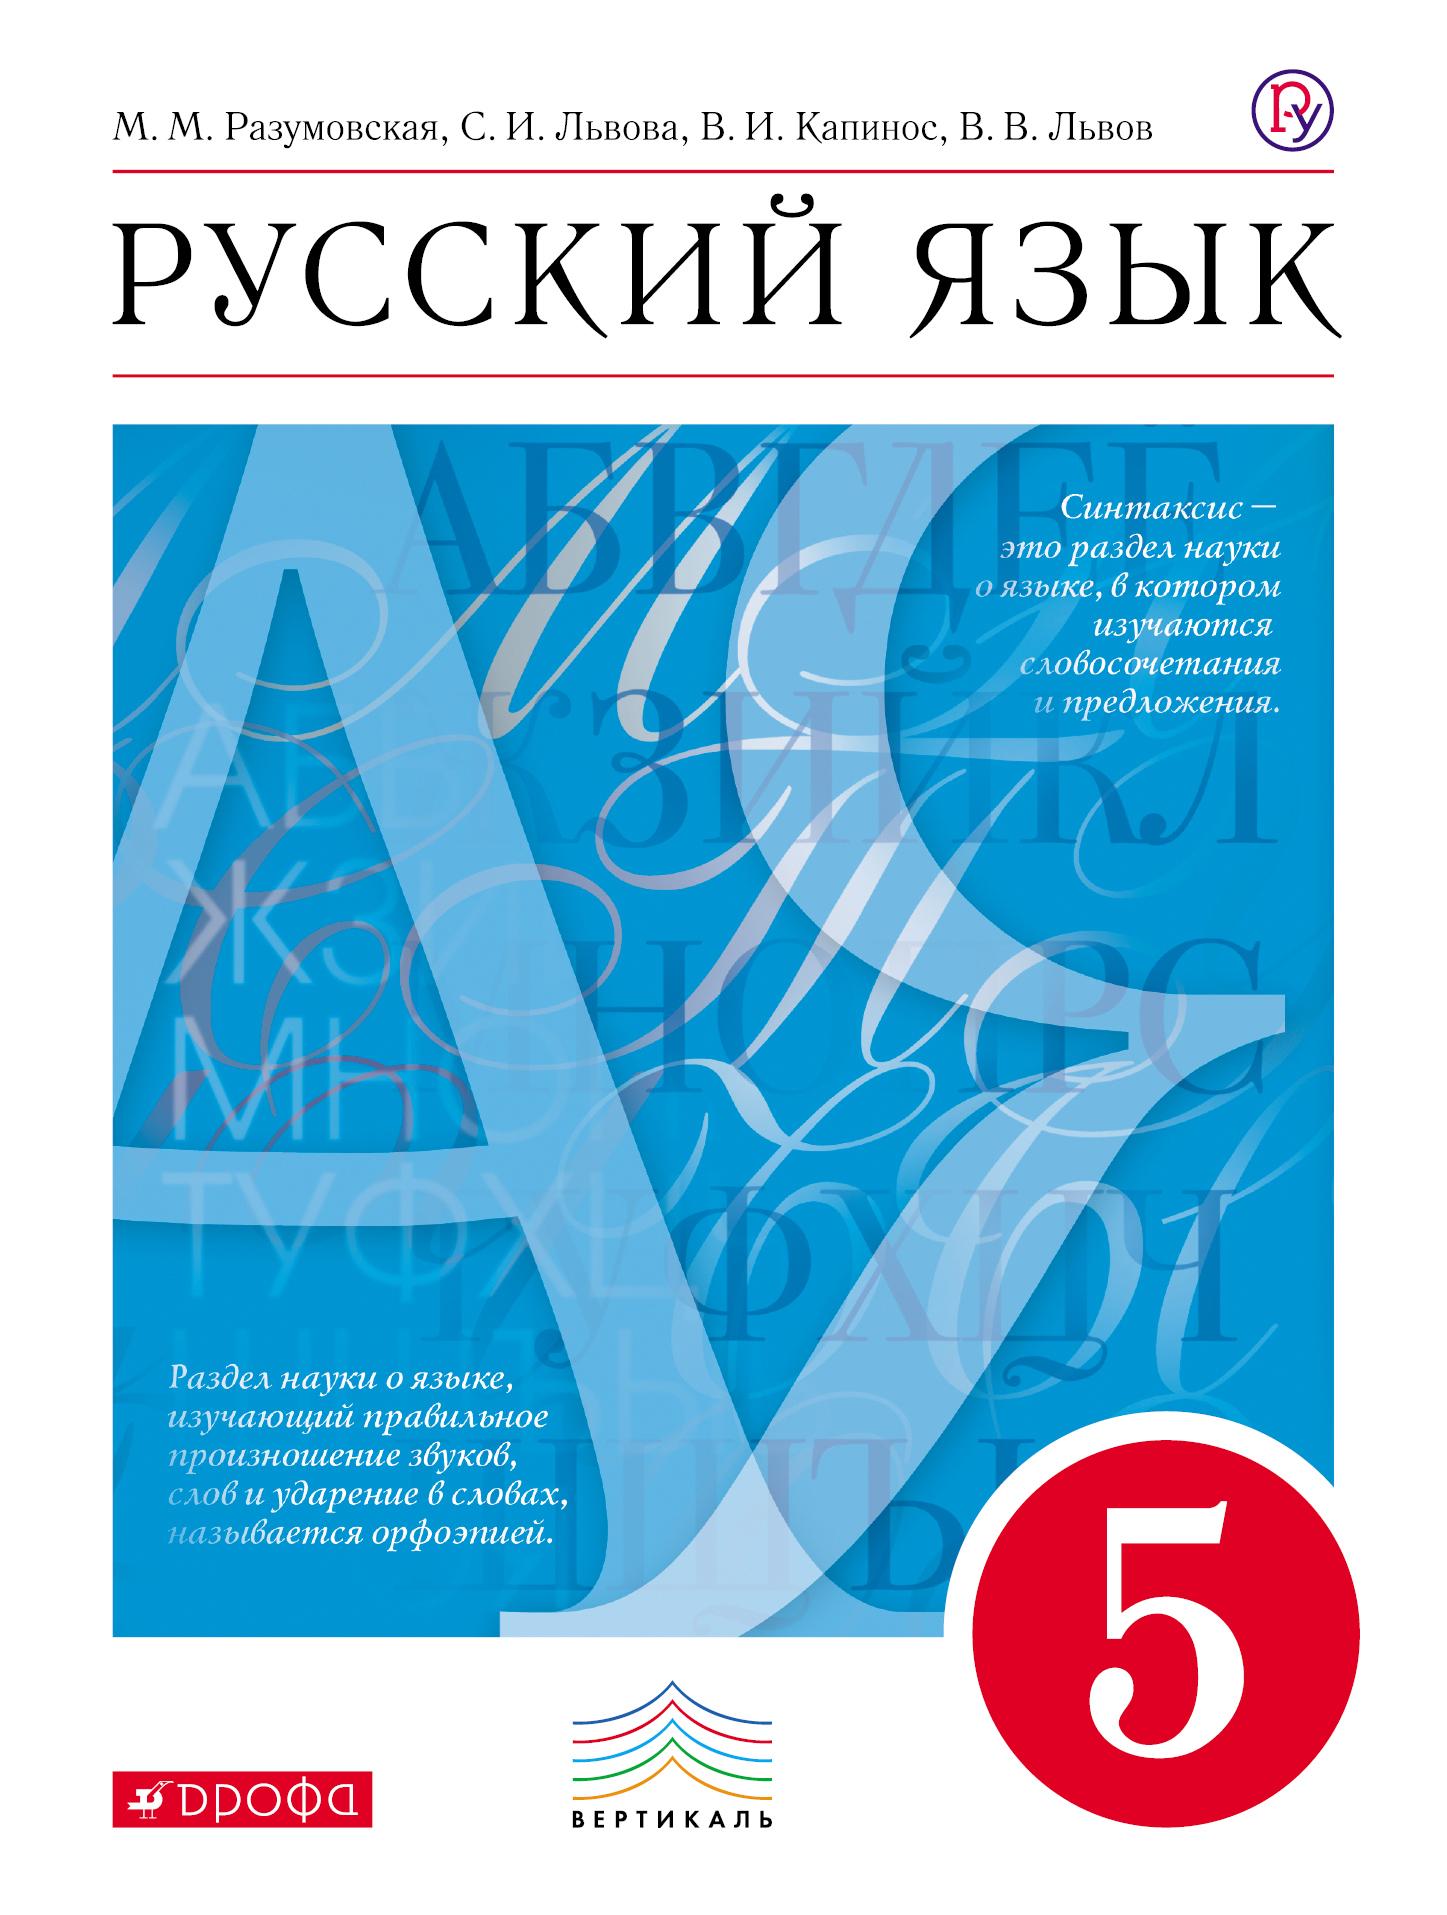 Гдз по русский язык 9 класс разумовская 2019 фгос